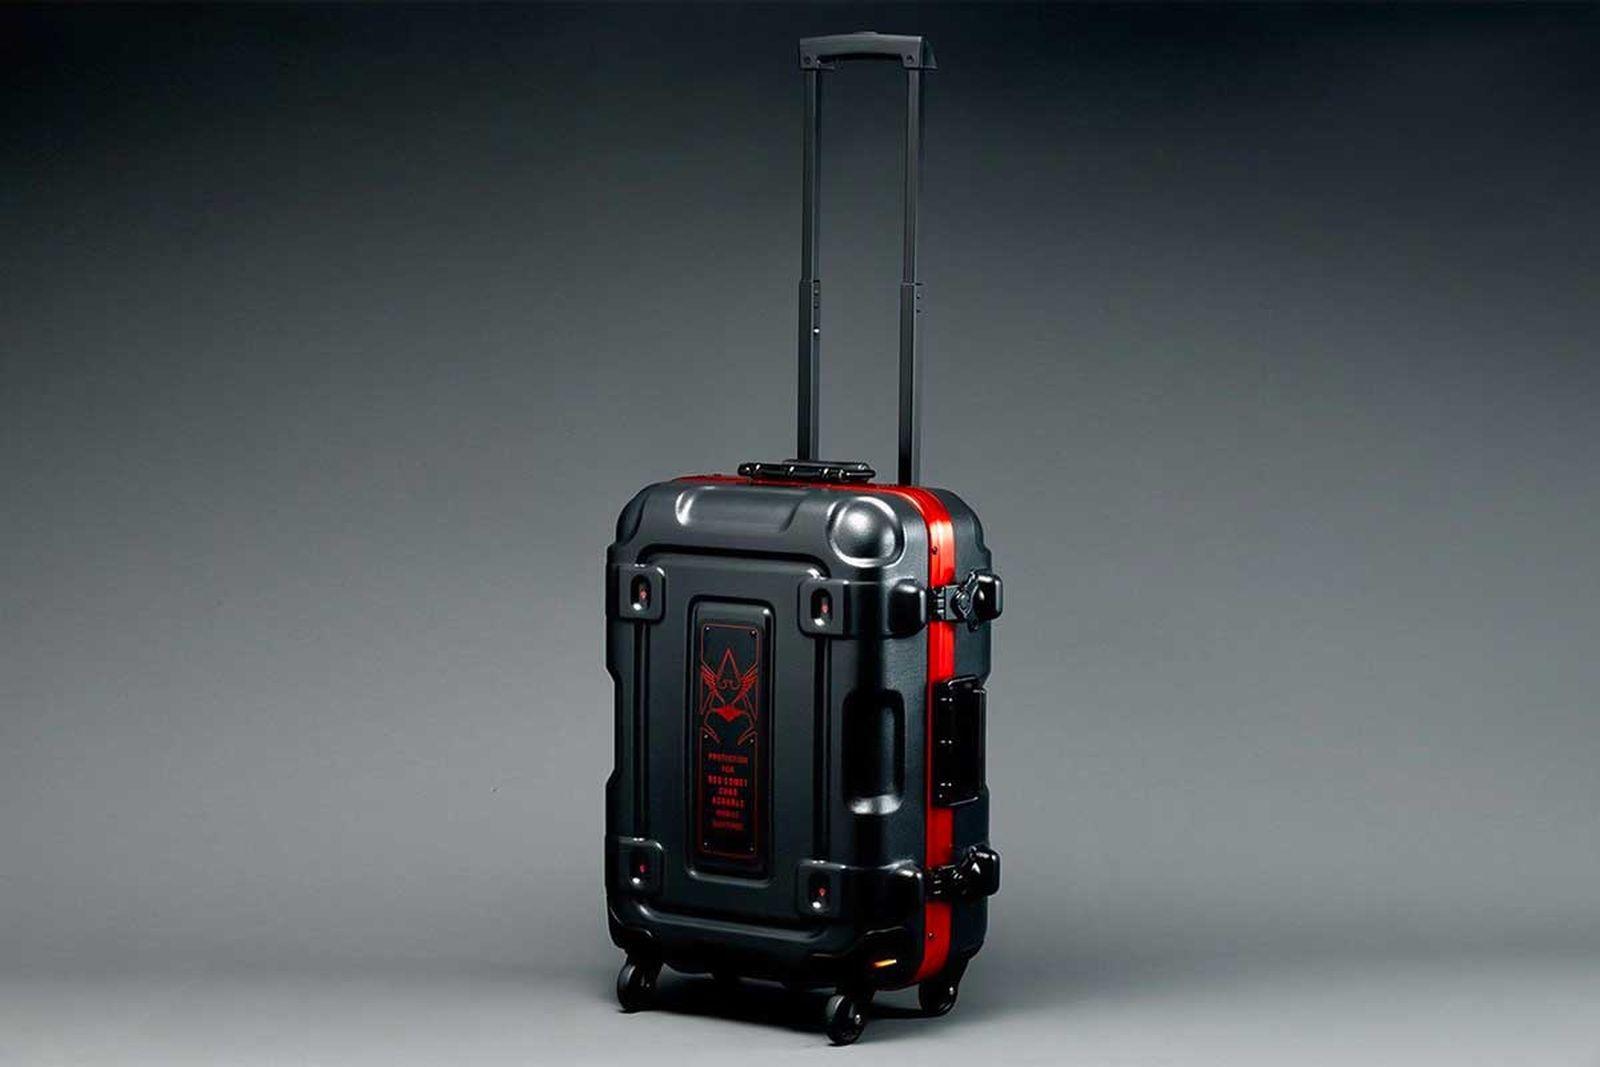 gundam-suitcase-7